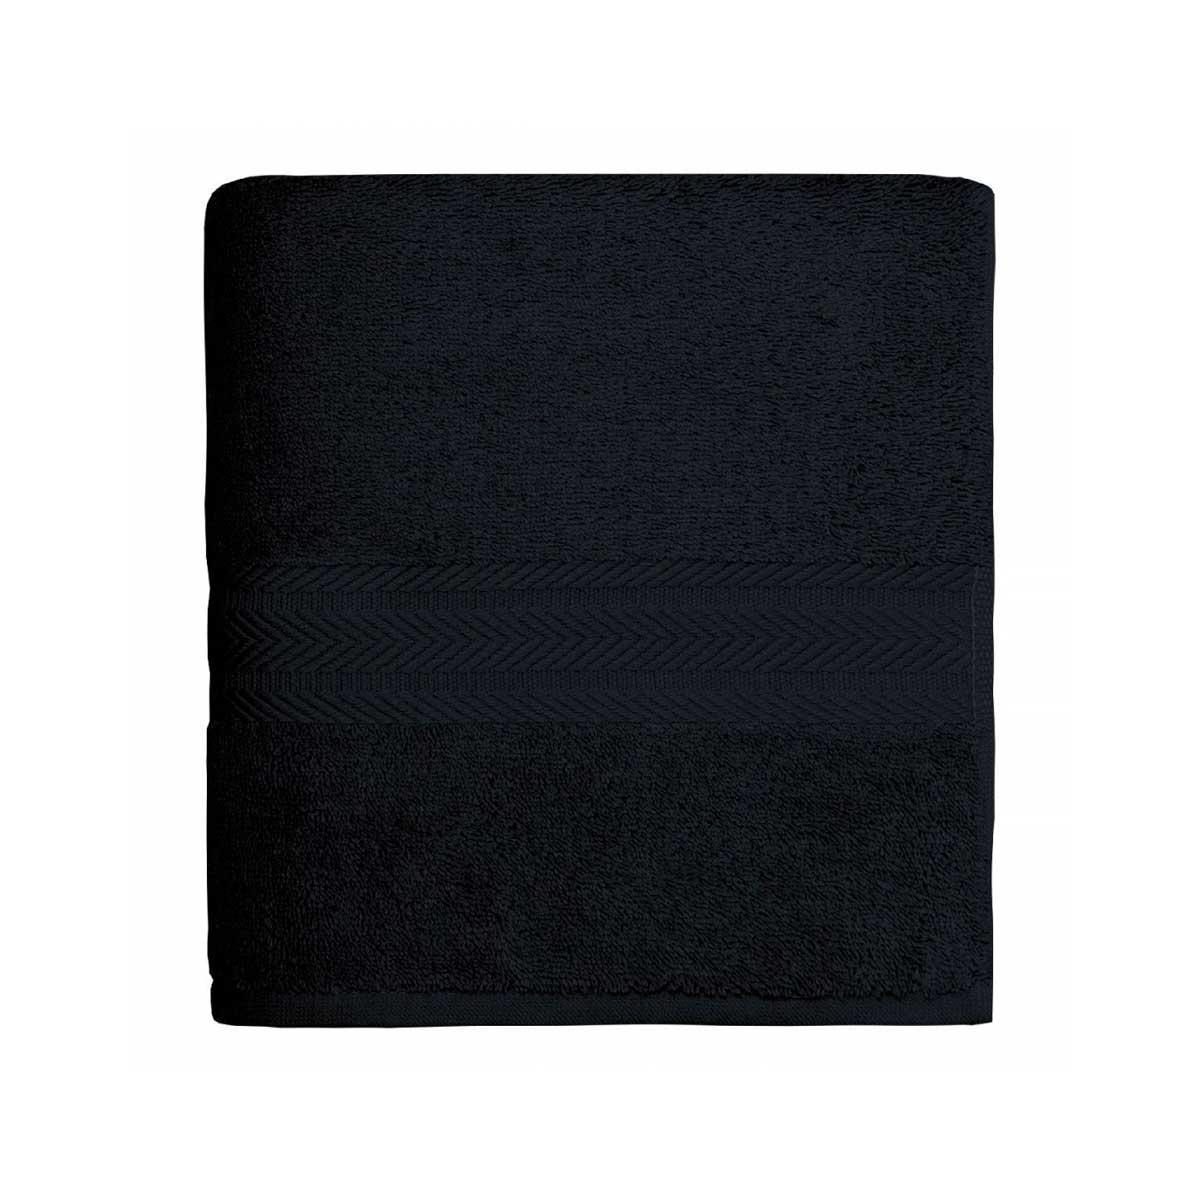 Linge de bain en coton moelleux 550gr/m² - Noir - 50 x 100 cm